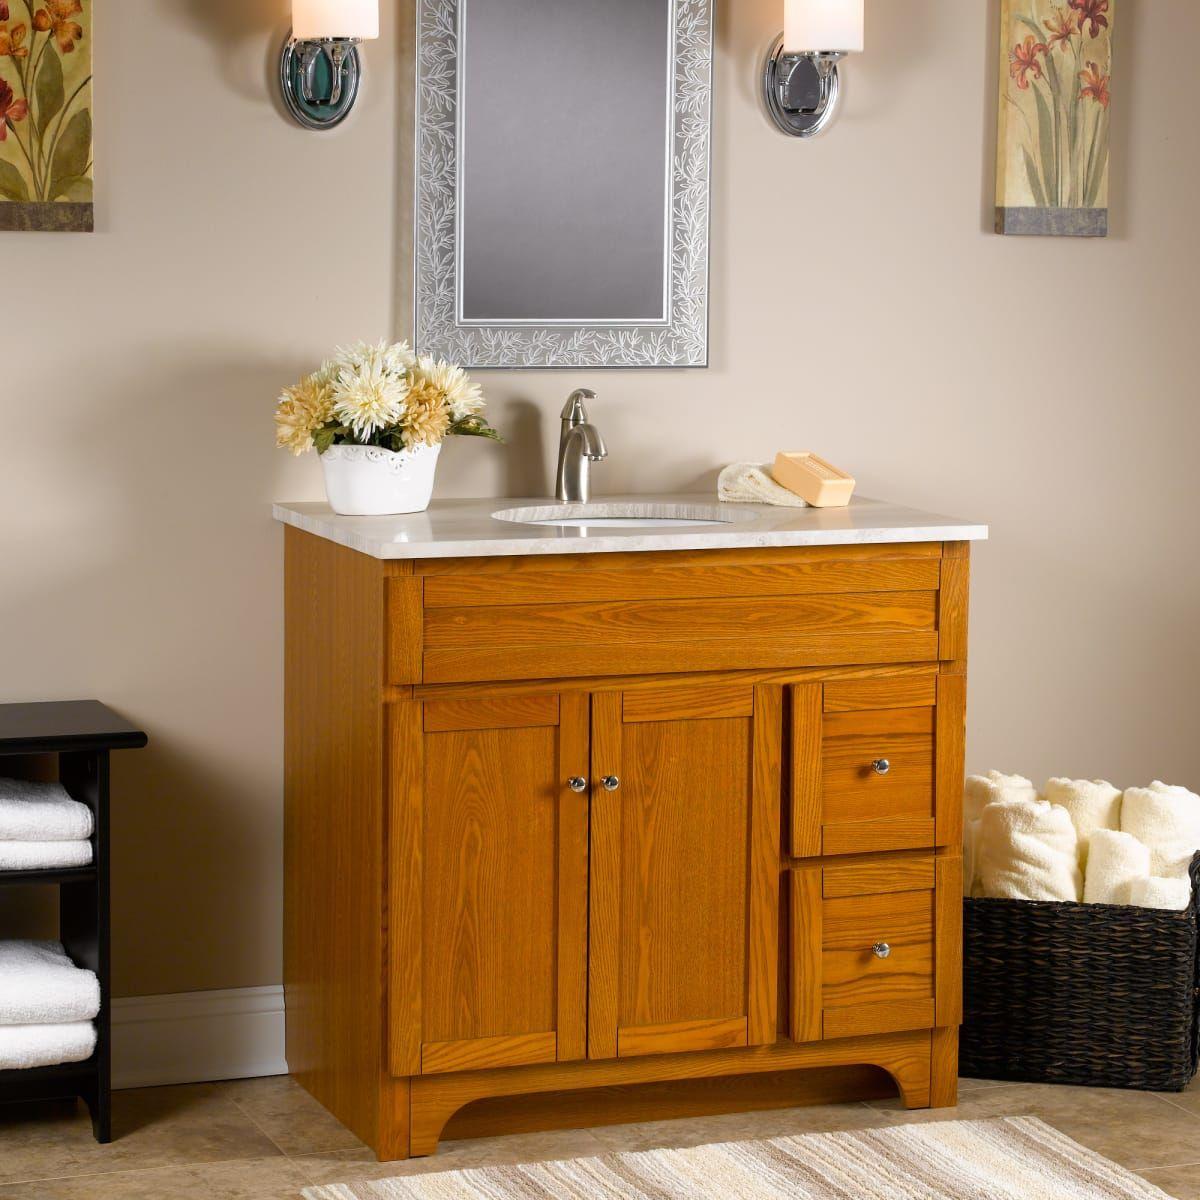 Foremost Wra3621d 36 Bathroom Vanity Vanity 36 Vanity